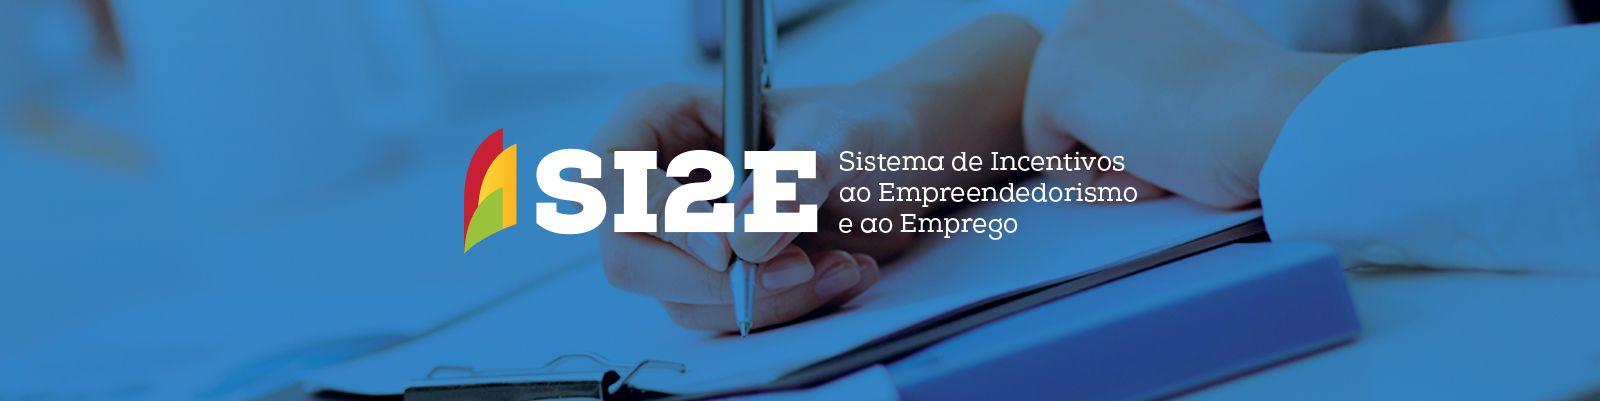 Sistema de Incentivos ao Empreendedorismo e ao Emprego (SI2E)